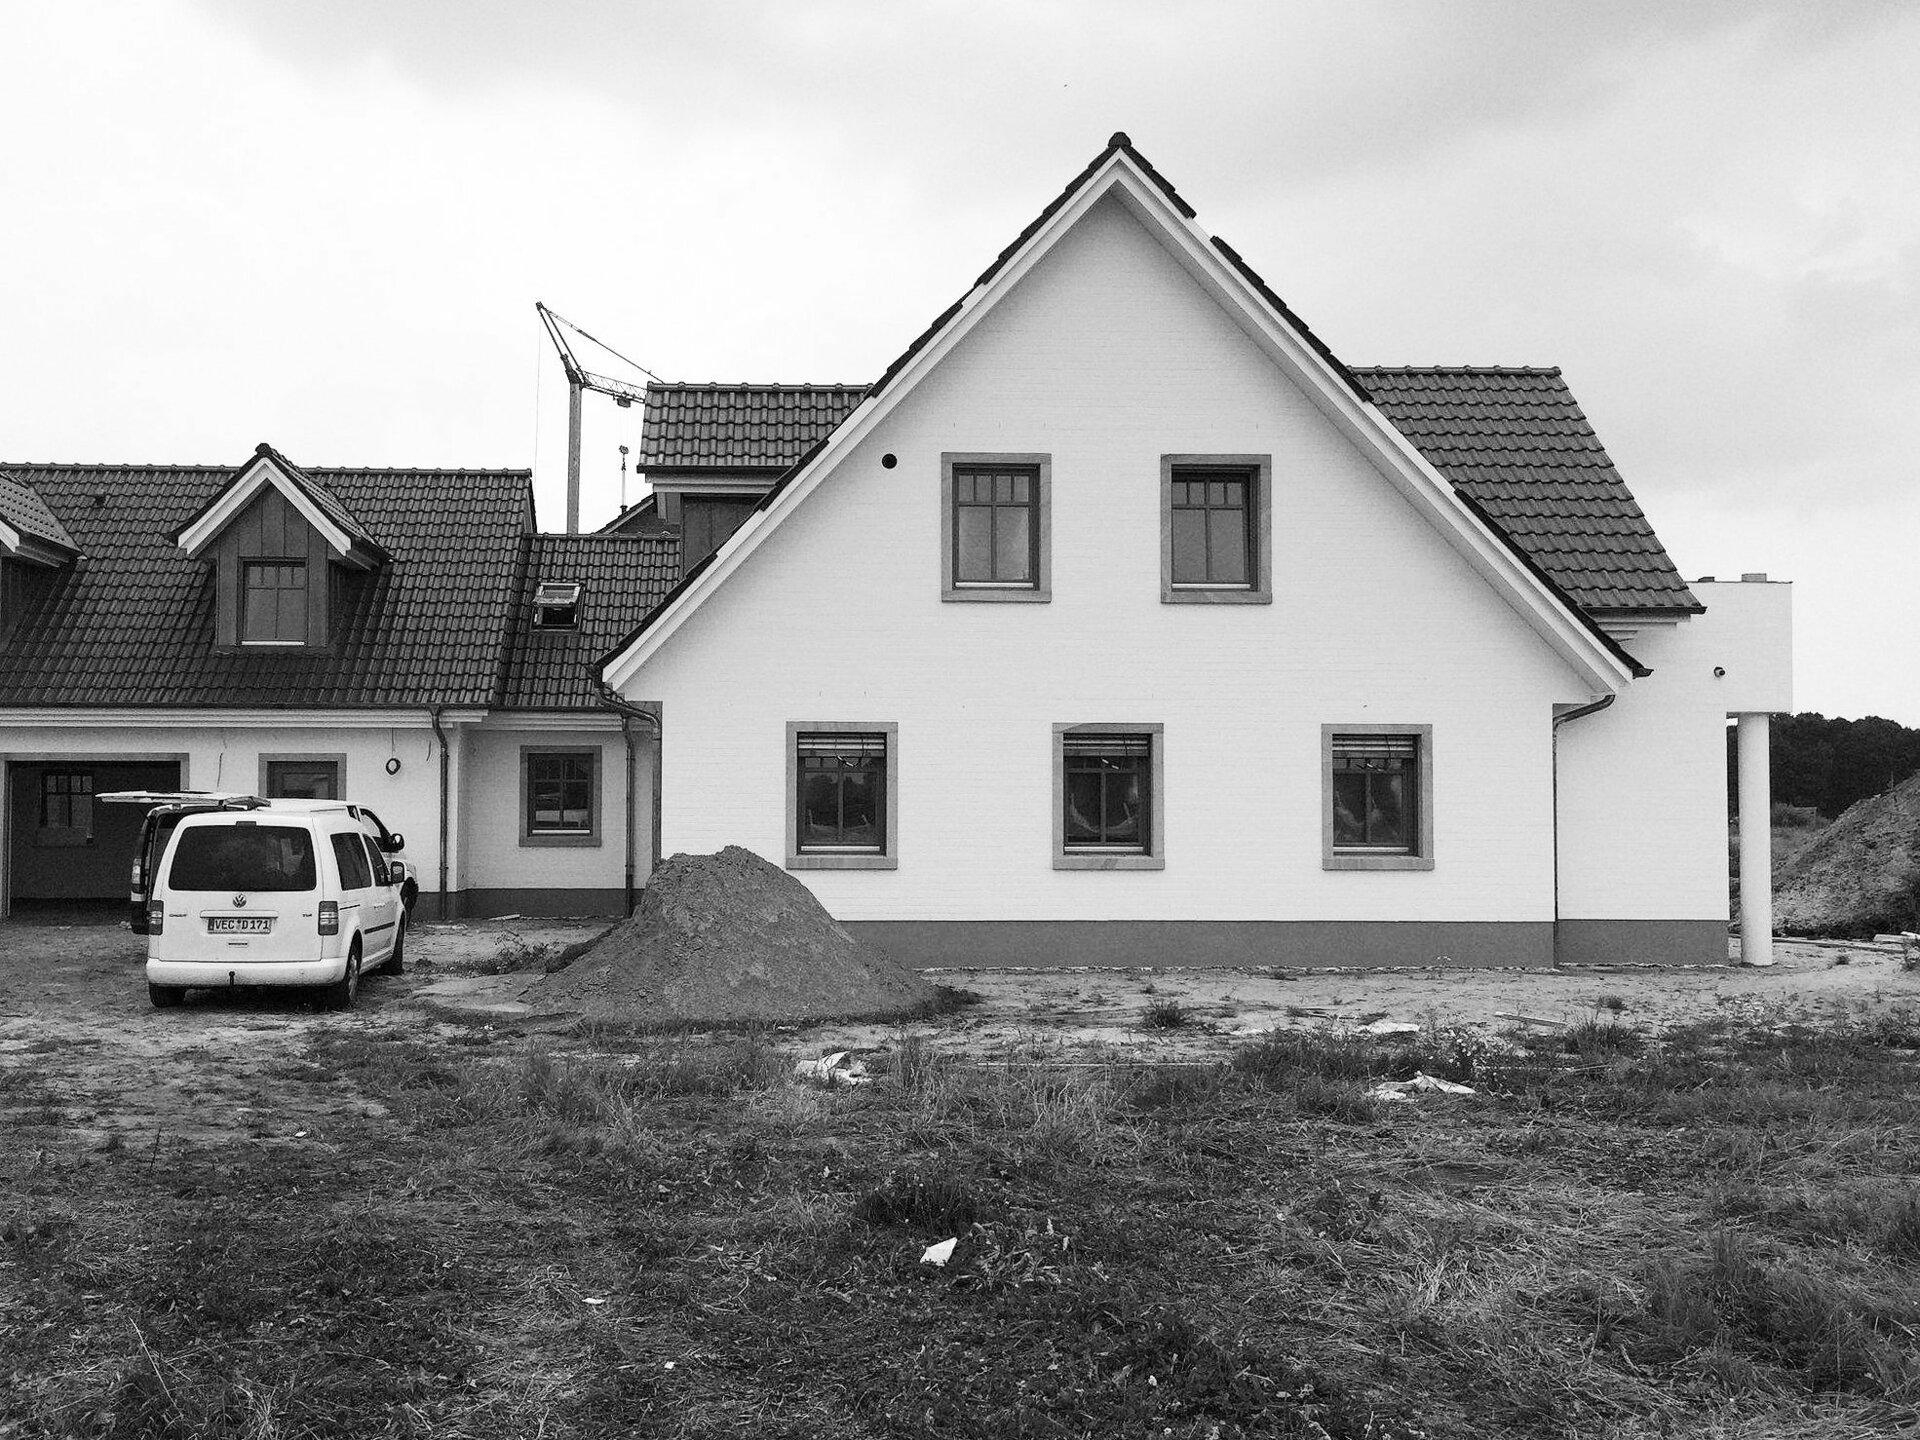 architektur und planung haves - wohnhäuser, geschäftshäuser, Innenarchitektur ideen